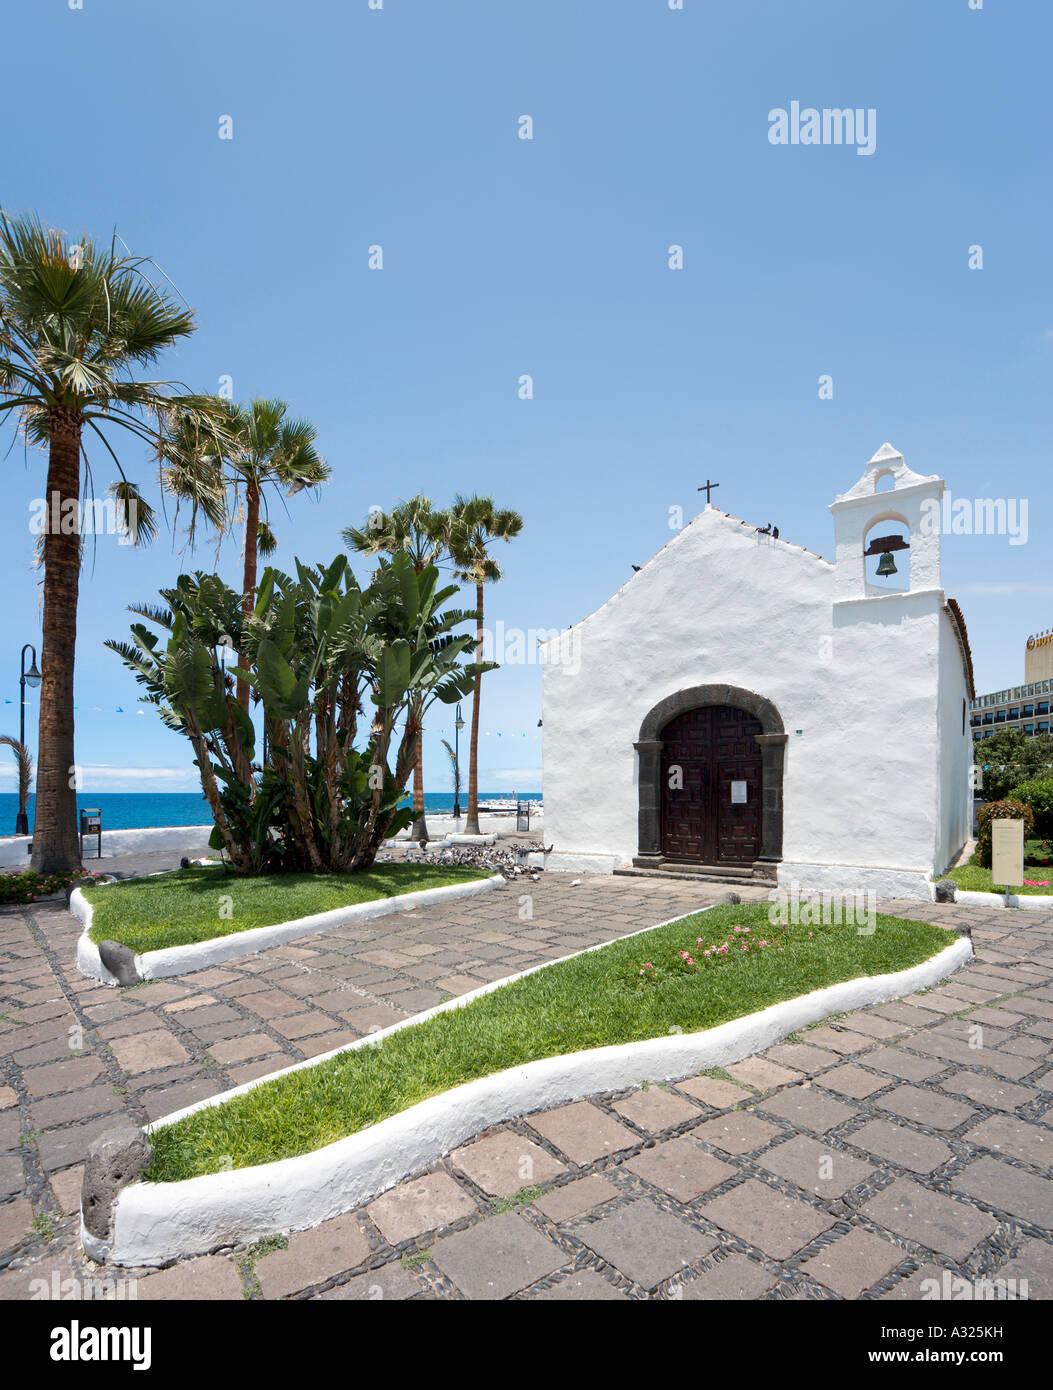 Ermita de san telmo playa san telmo puerto de la cruz tenerife stock photo royalty free - Playa puerto de la cruz tenerife ...